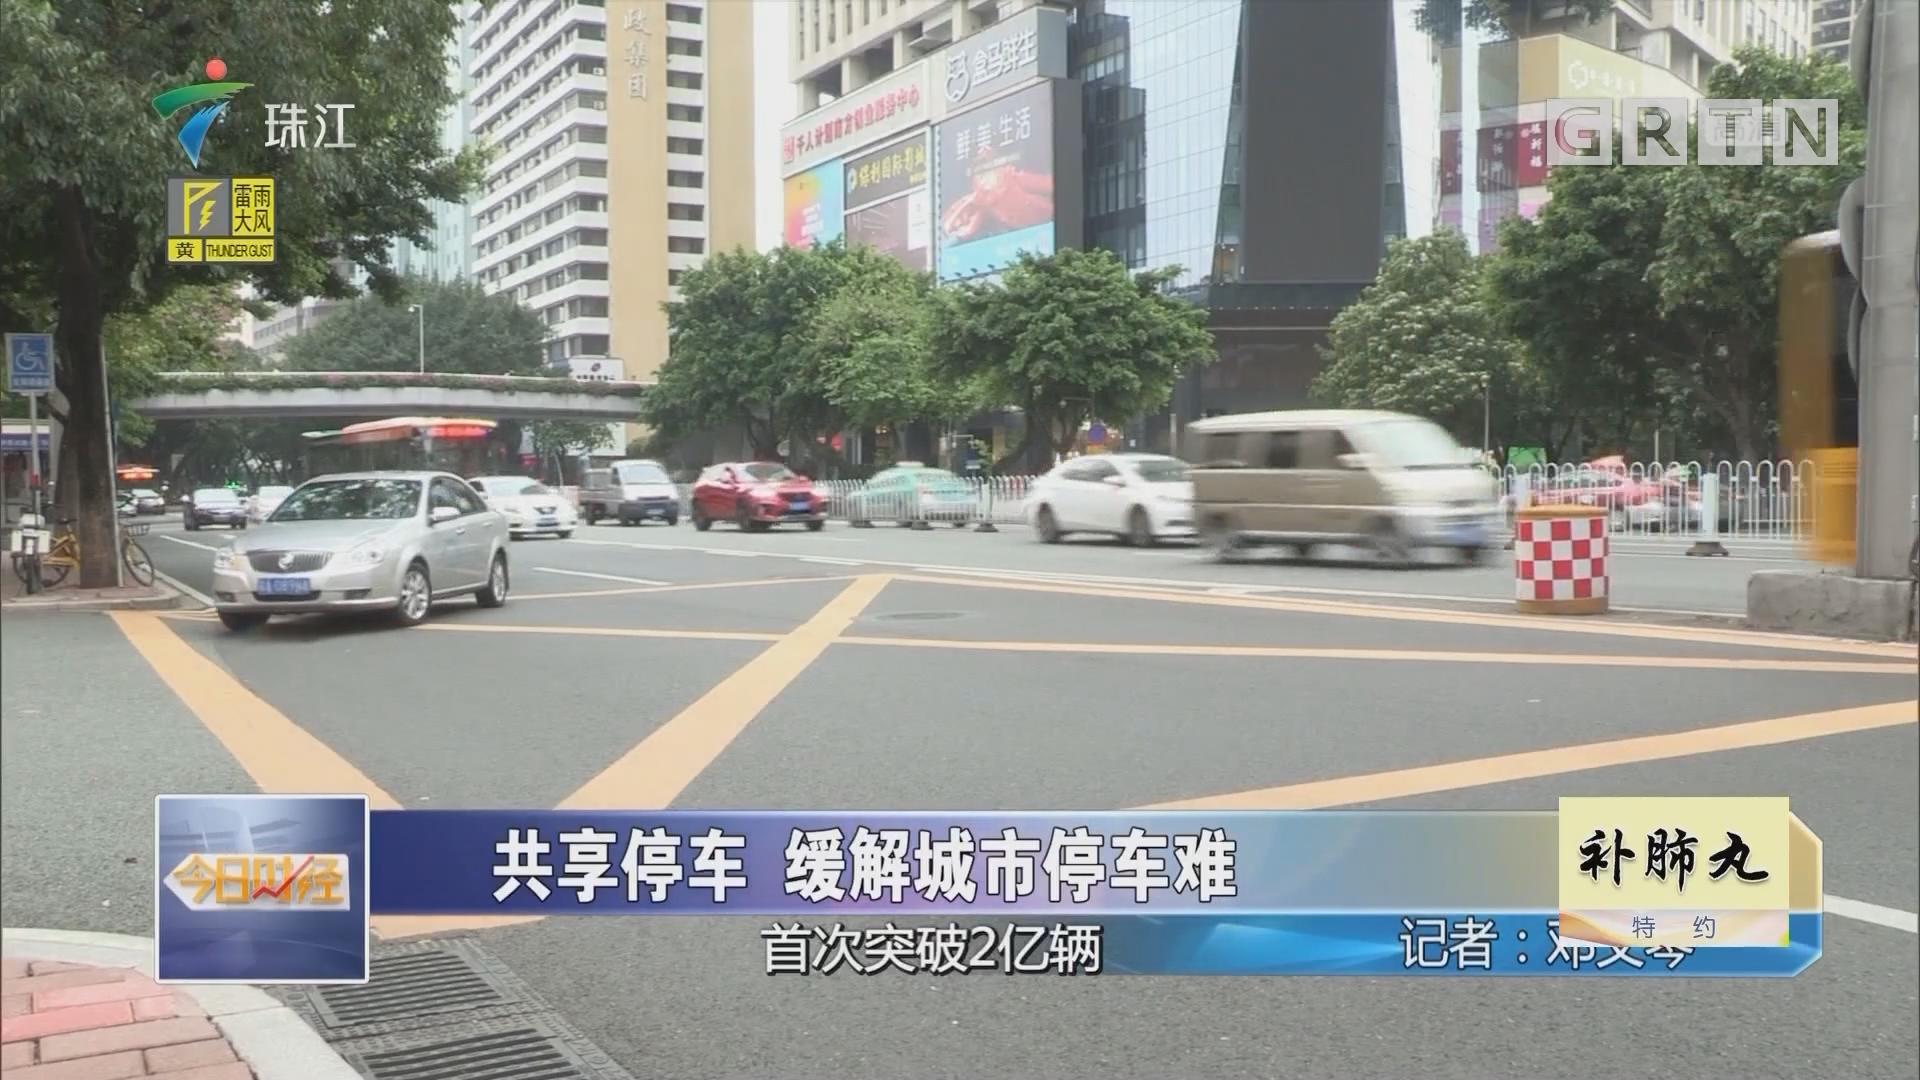 共享停车 缓解城市停车难